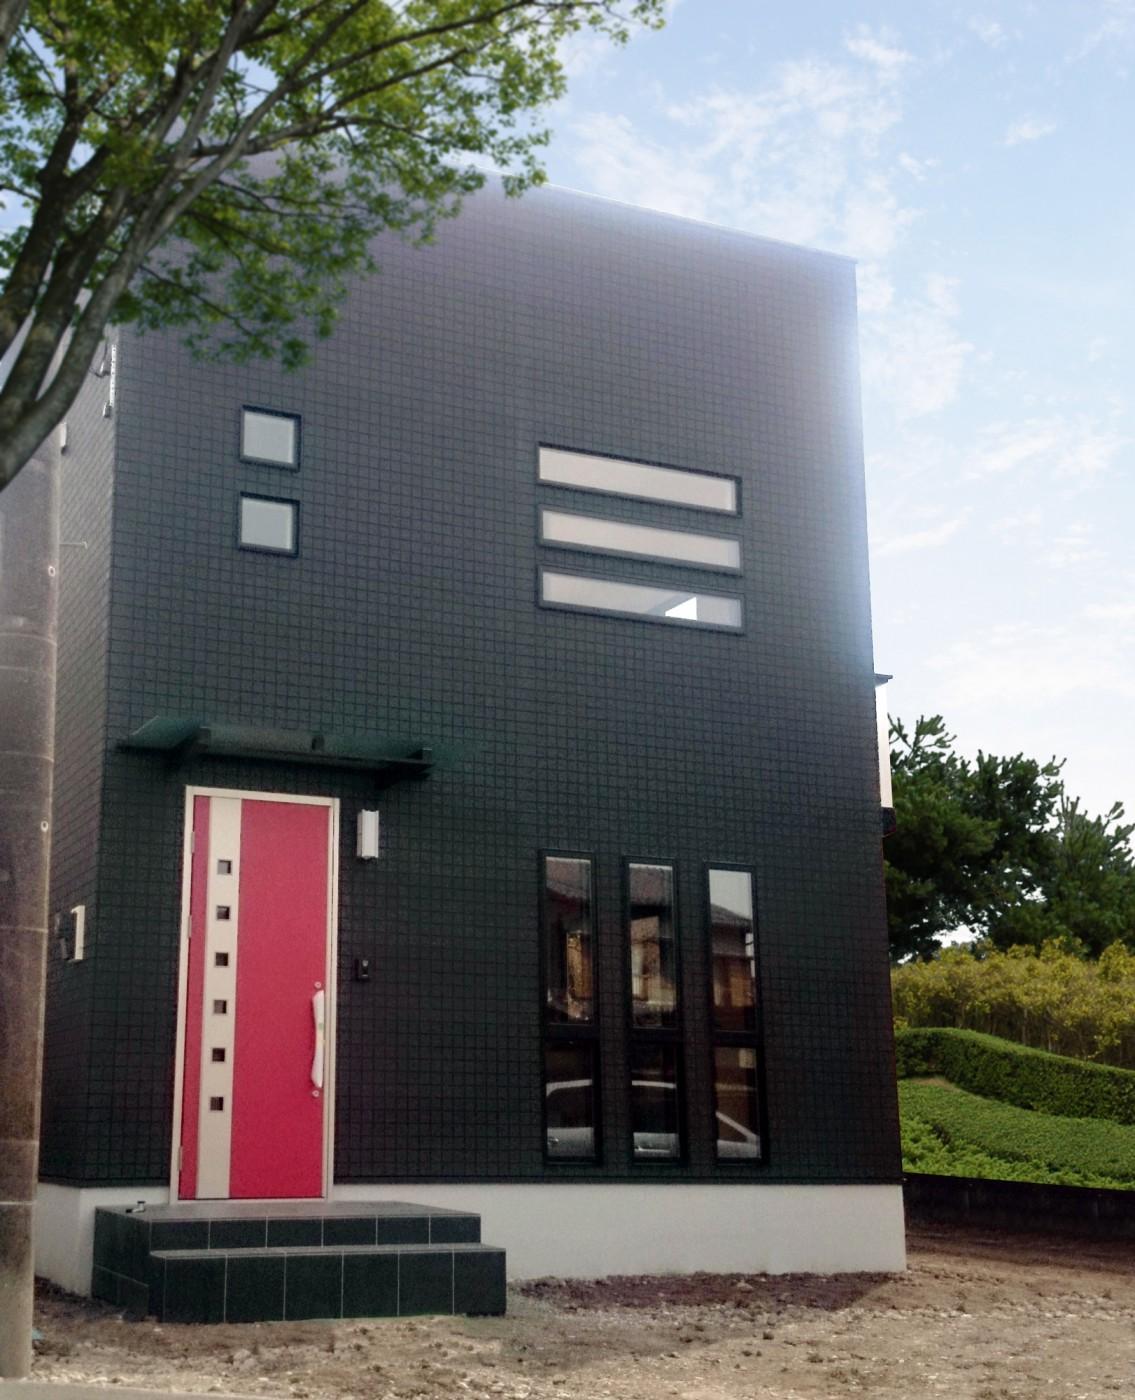 黒の外壁にアクセントの真っ赤な玄関ドアがより引き立っています。